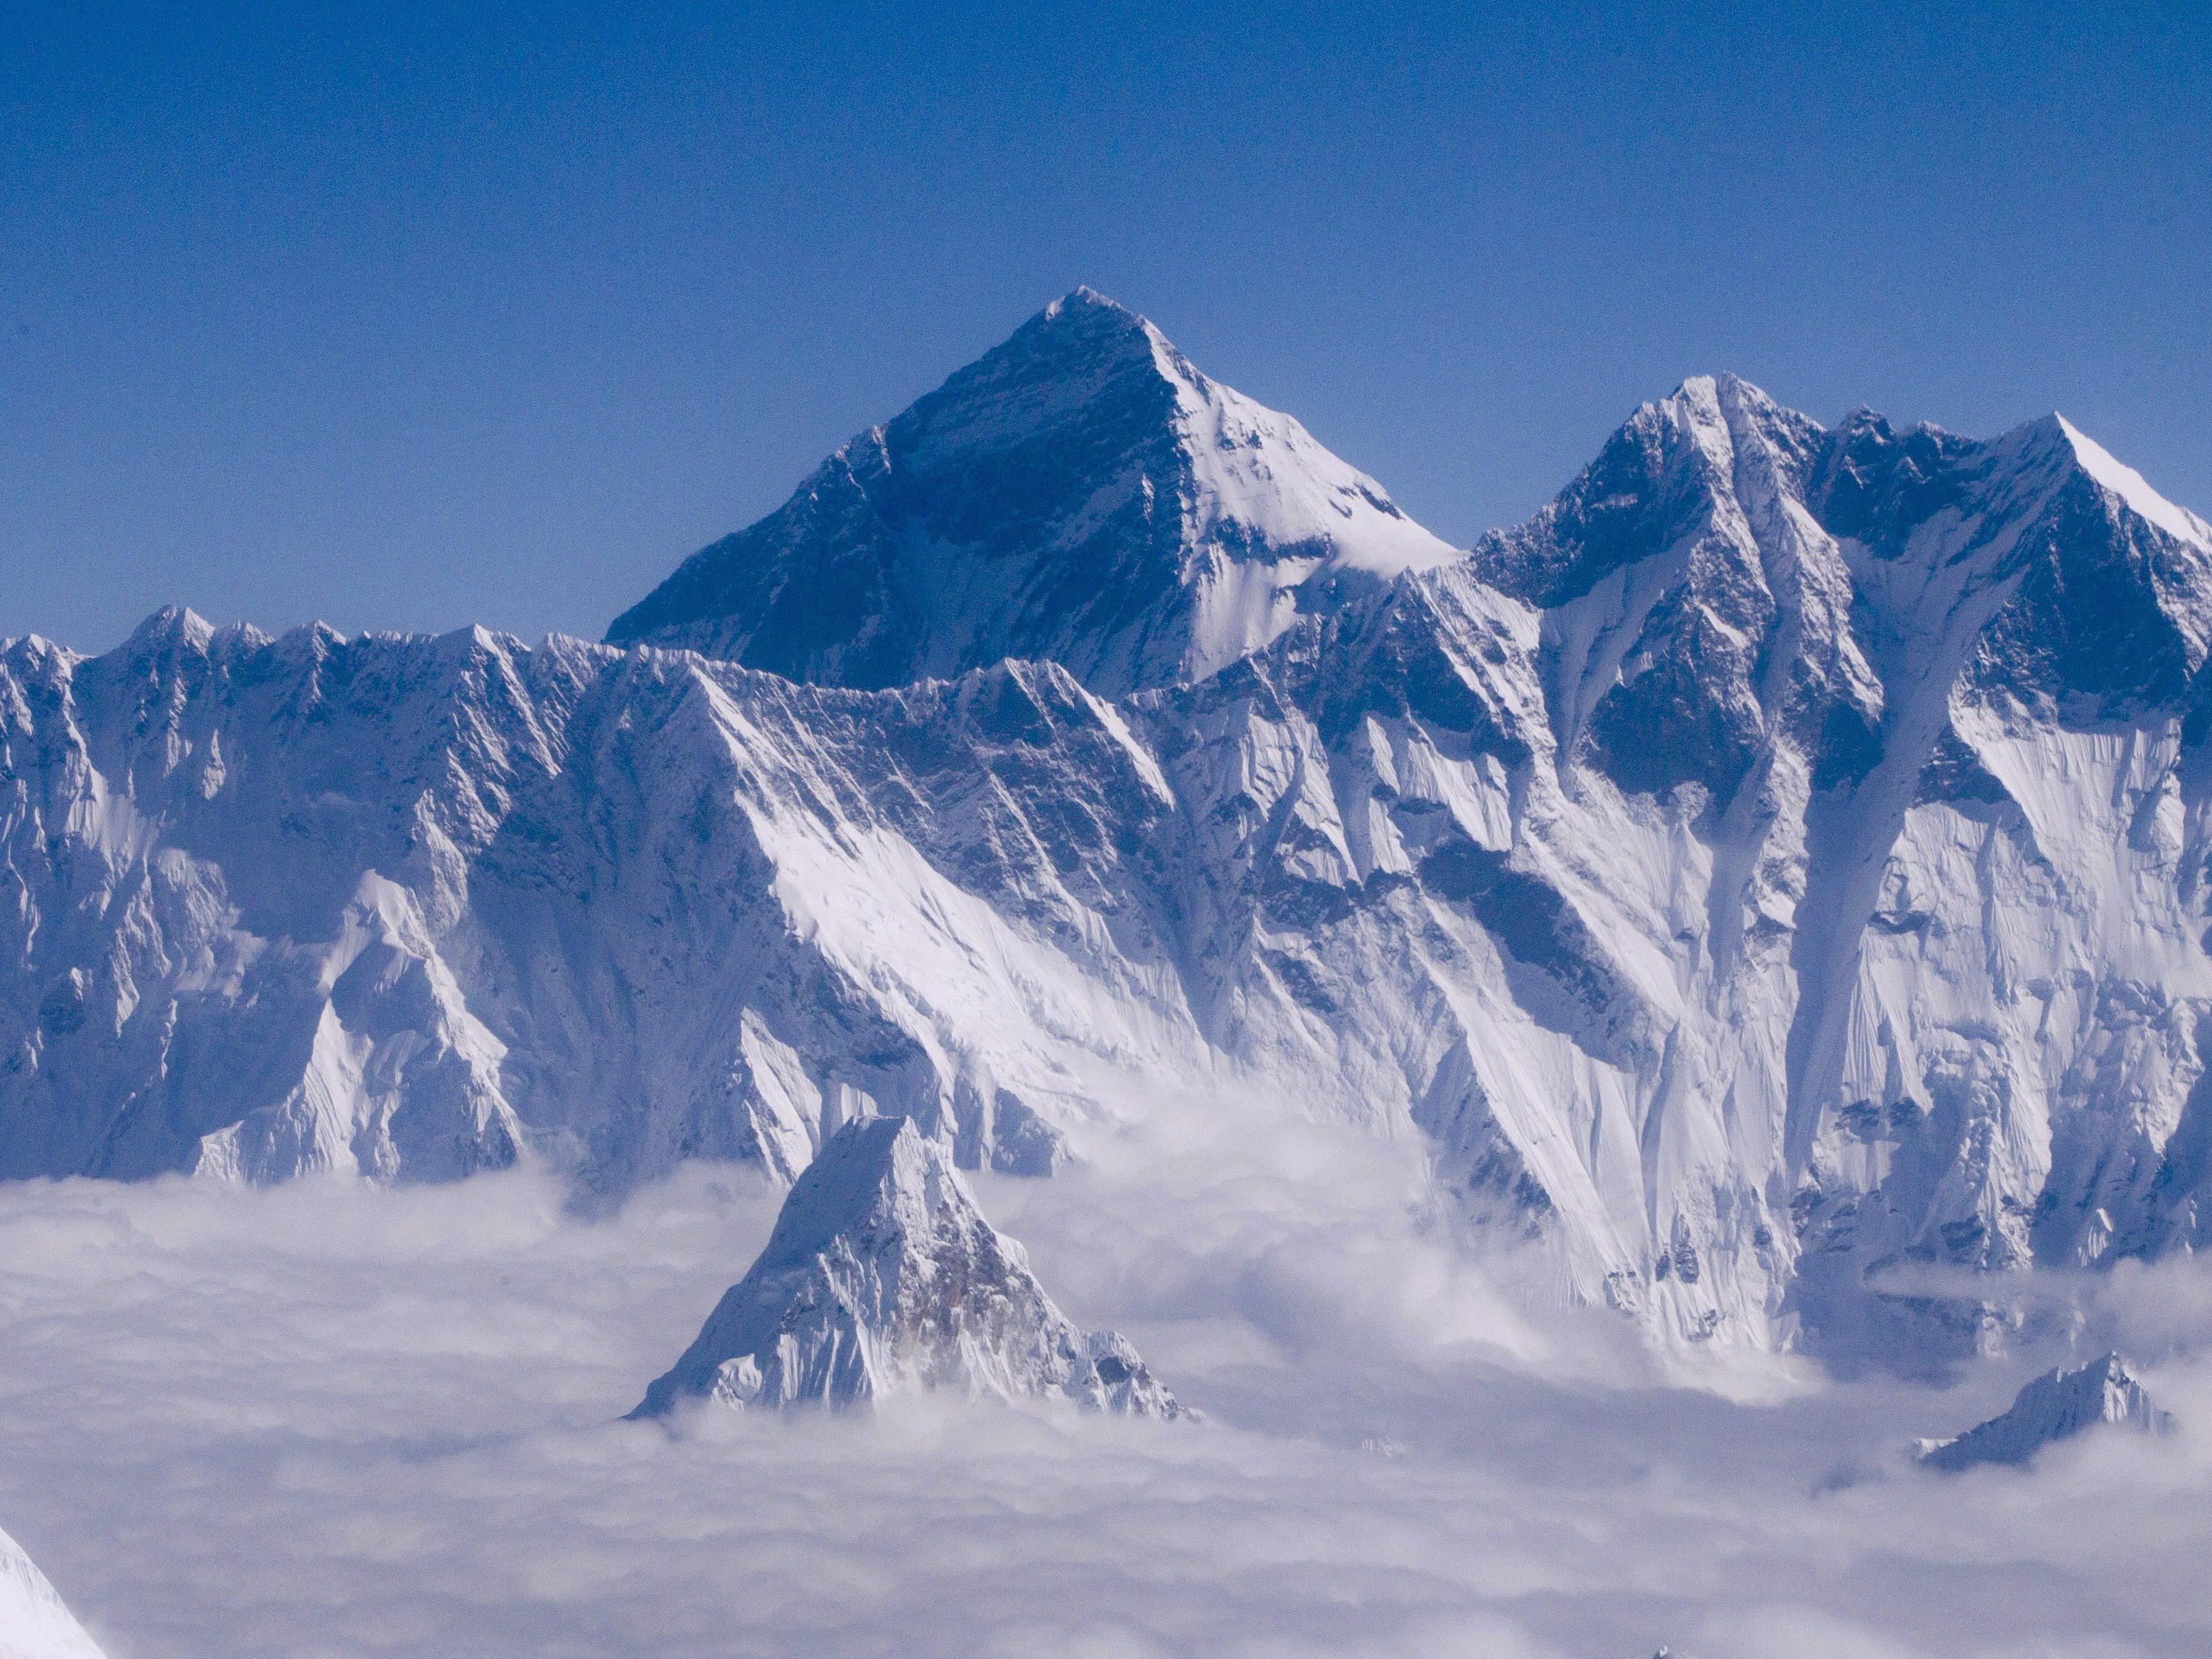 Mit 8.848 Metern, der höchste Berg der Welt - der Mount Everest